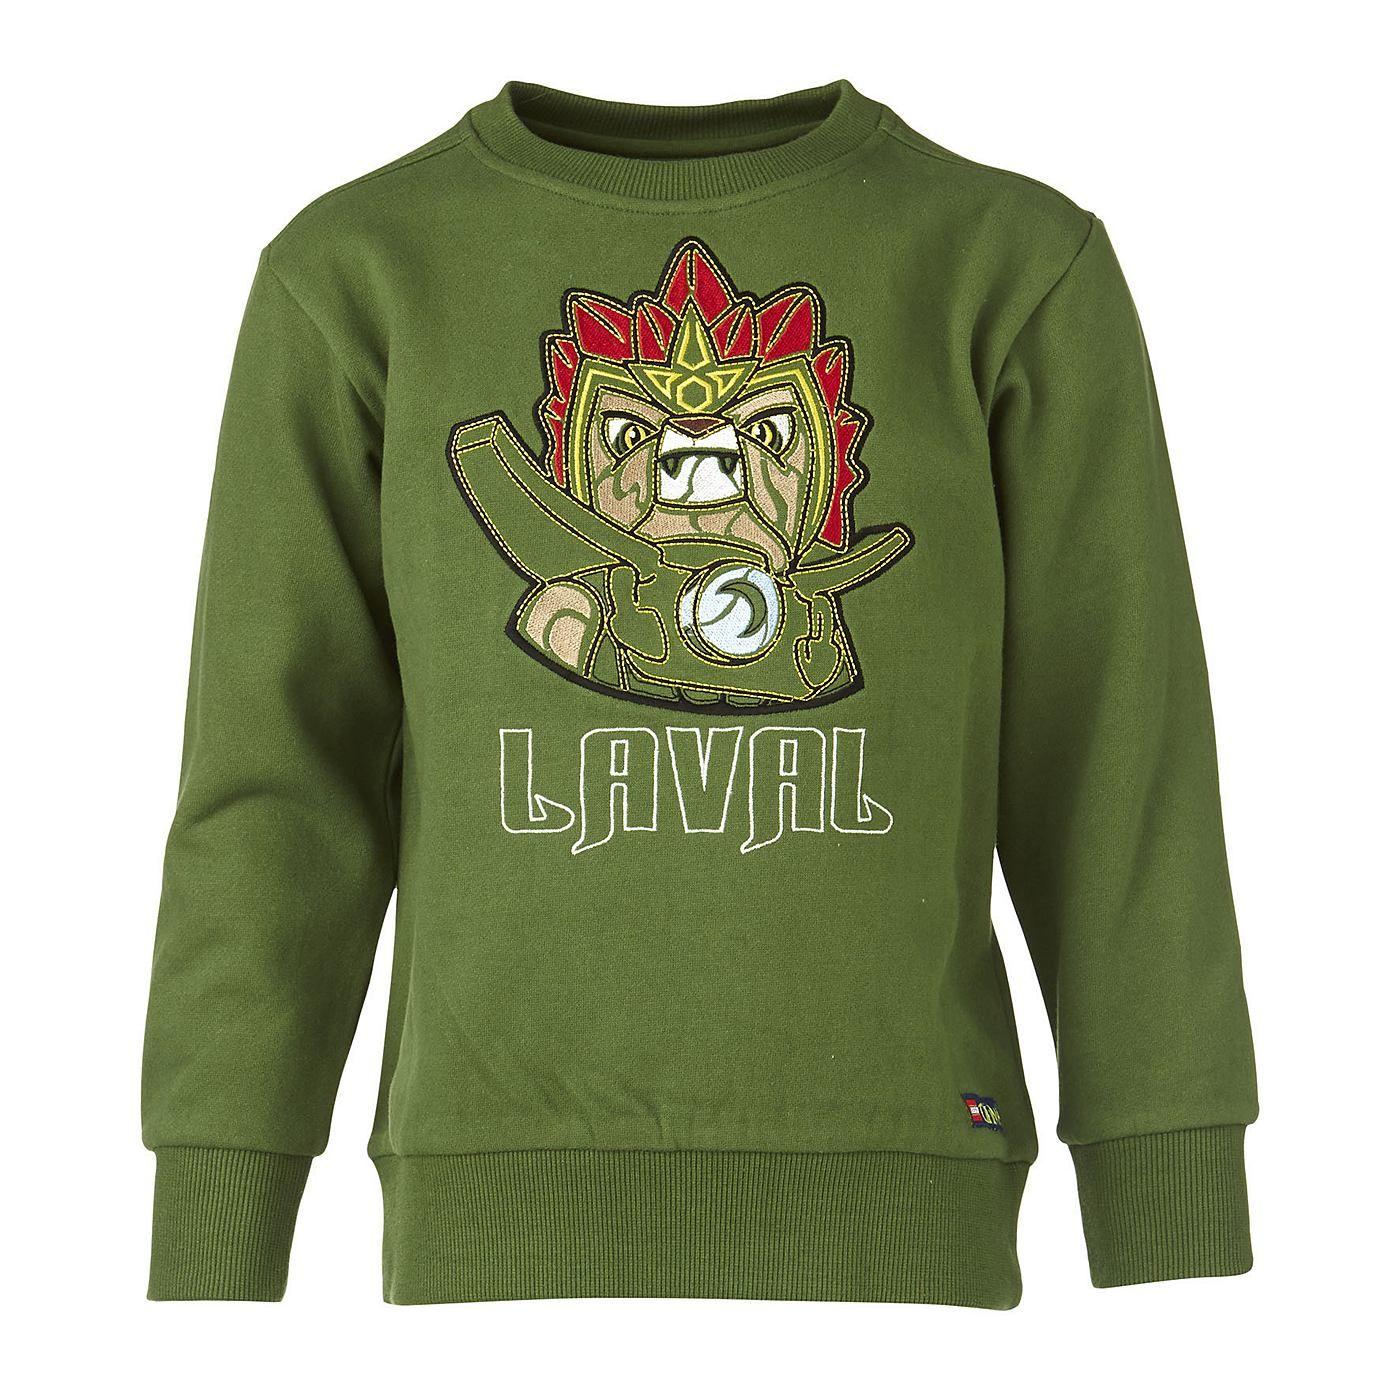 """Sweatshirt - Legends of Chima """"Laval""""    Laval ist der Prinz des Löwenstammes. Früher war er sehr stur und meist nur daran interessiert, viel Spaß zu haben. Jetzt gibt es die LEGO-Helden auch zum Anziehen.   Sollten Sie den passenden begeisterten Jungen dazu haben, muss dieses Sweatshirt in seinen Kleiderschrank.    LEGO® Wear Chima Kinder Sweatshirt mit folgenden Besonderheiten:    - Thema: LE..."""